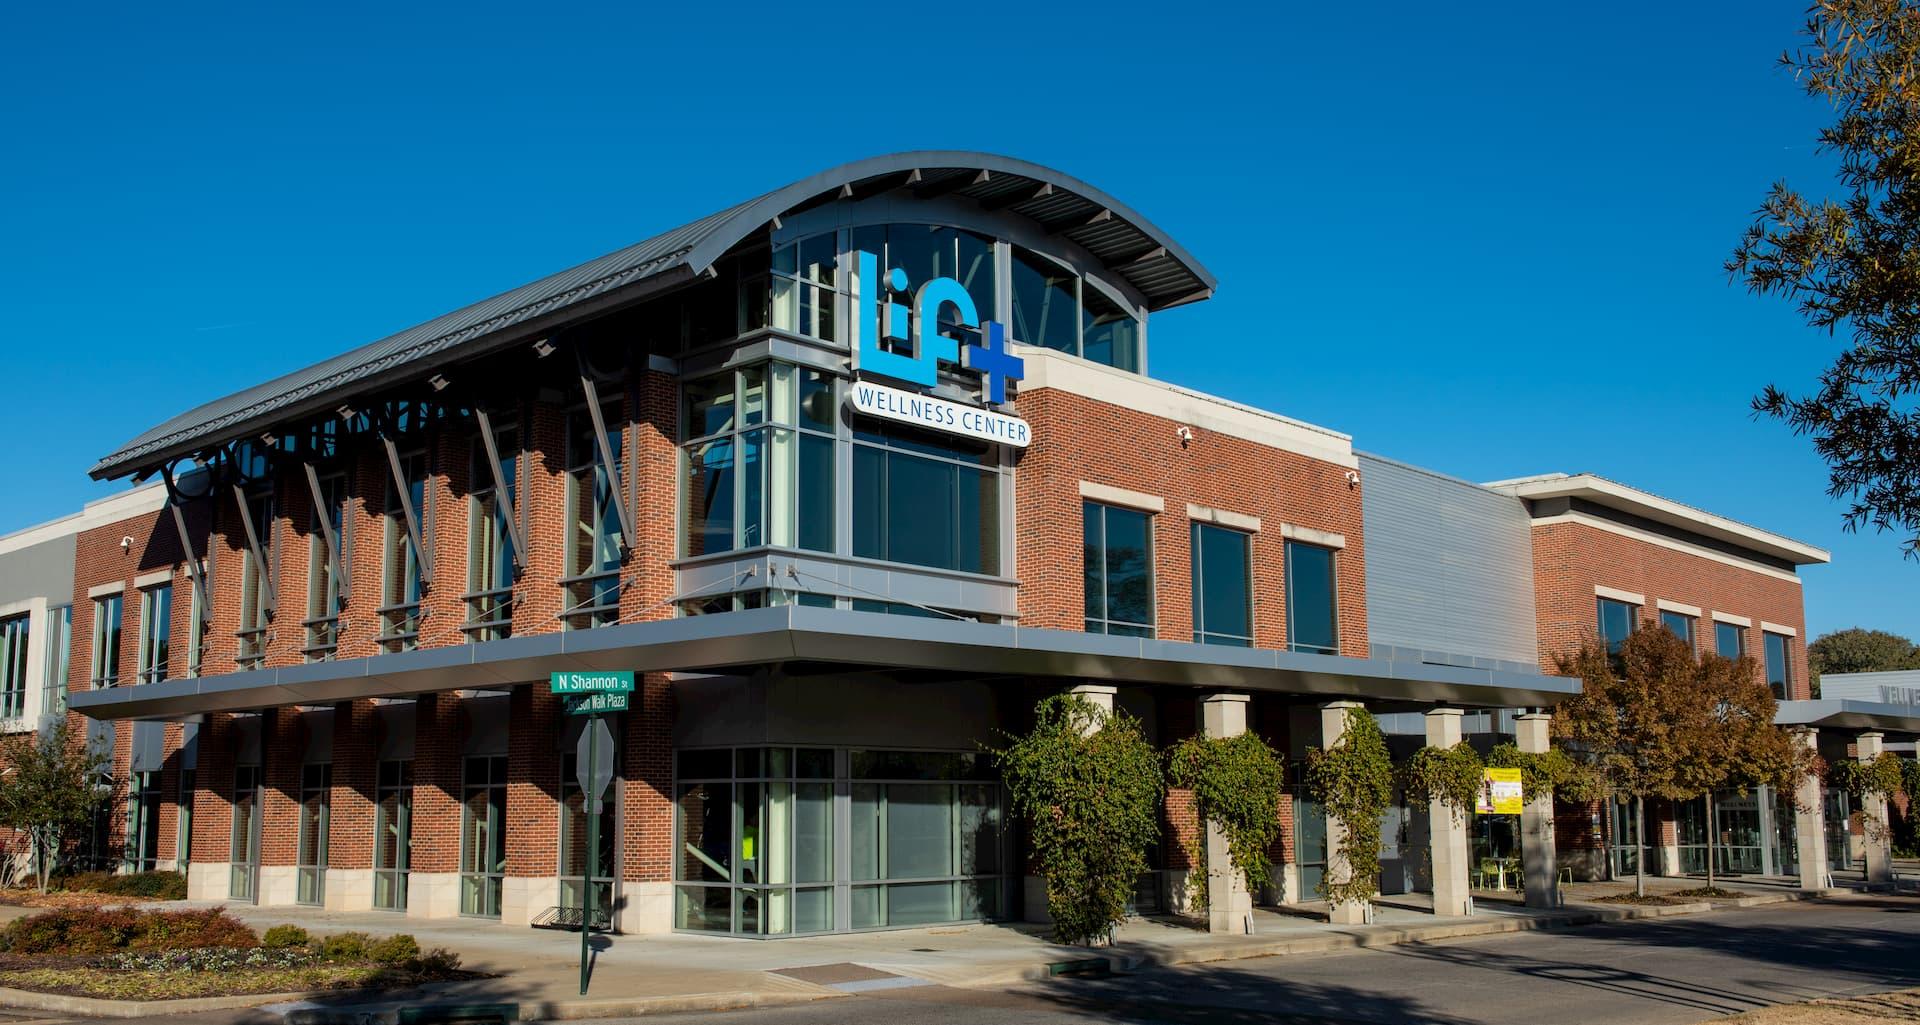 Lift Wellness Center